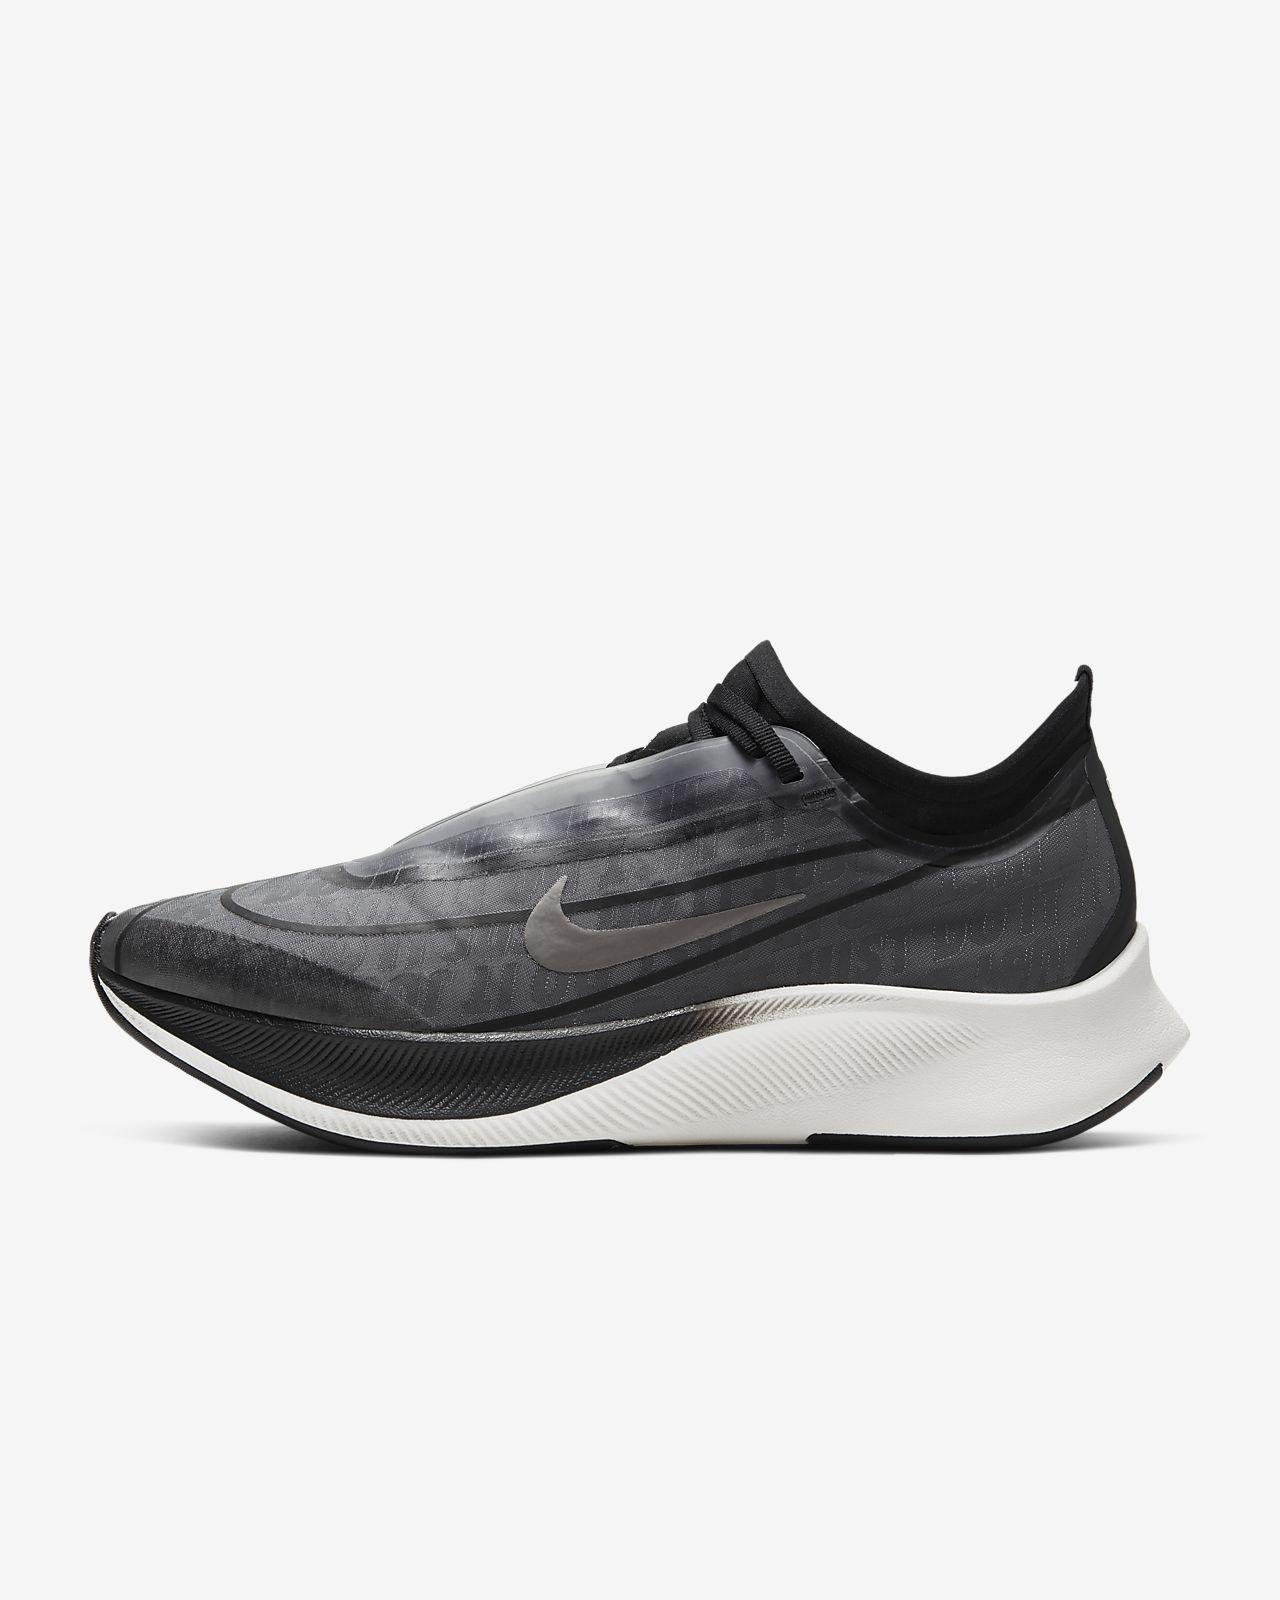 Dámská běžecká bota Nike Zoom Fly 3